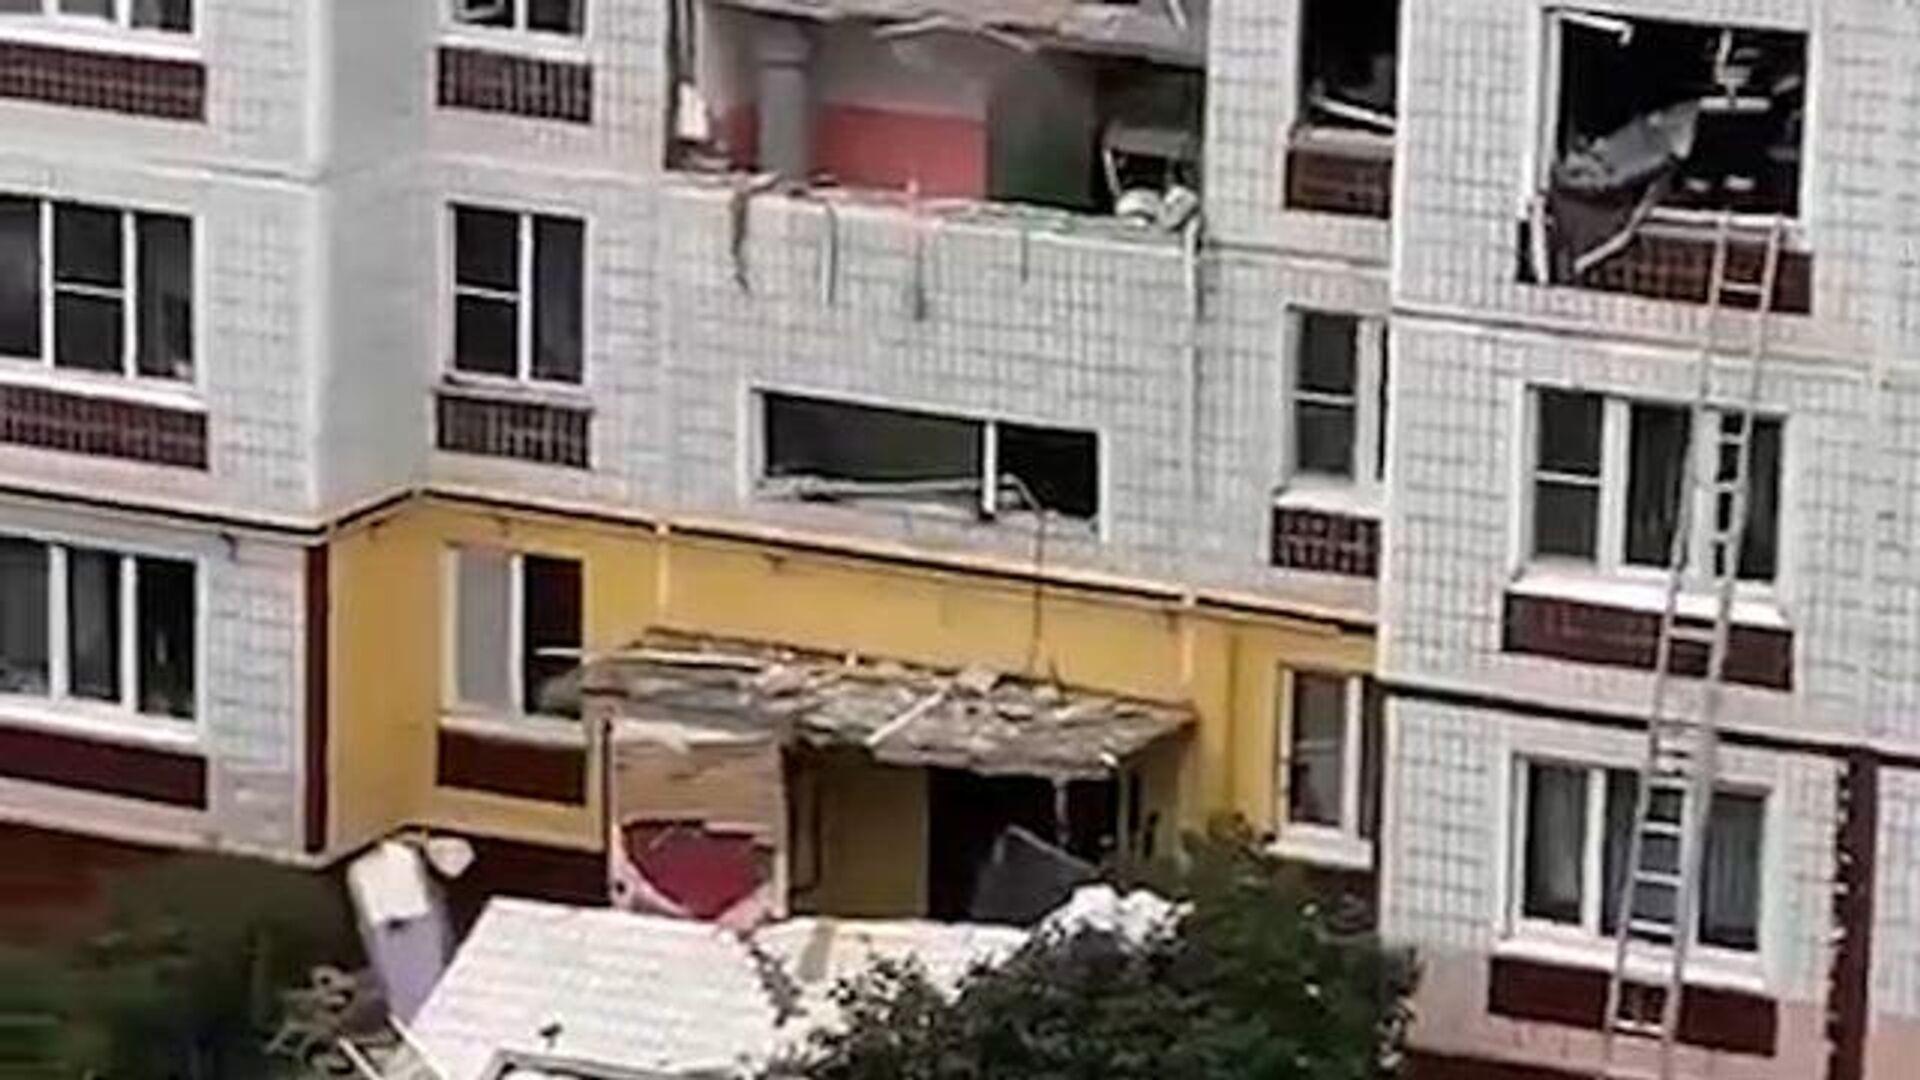 МЧС проверяет информацию о взрыве газа в жилом доме в Екатеринбурге